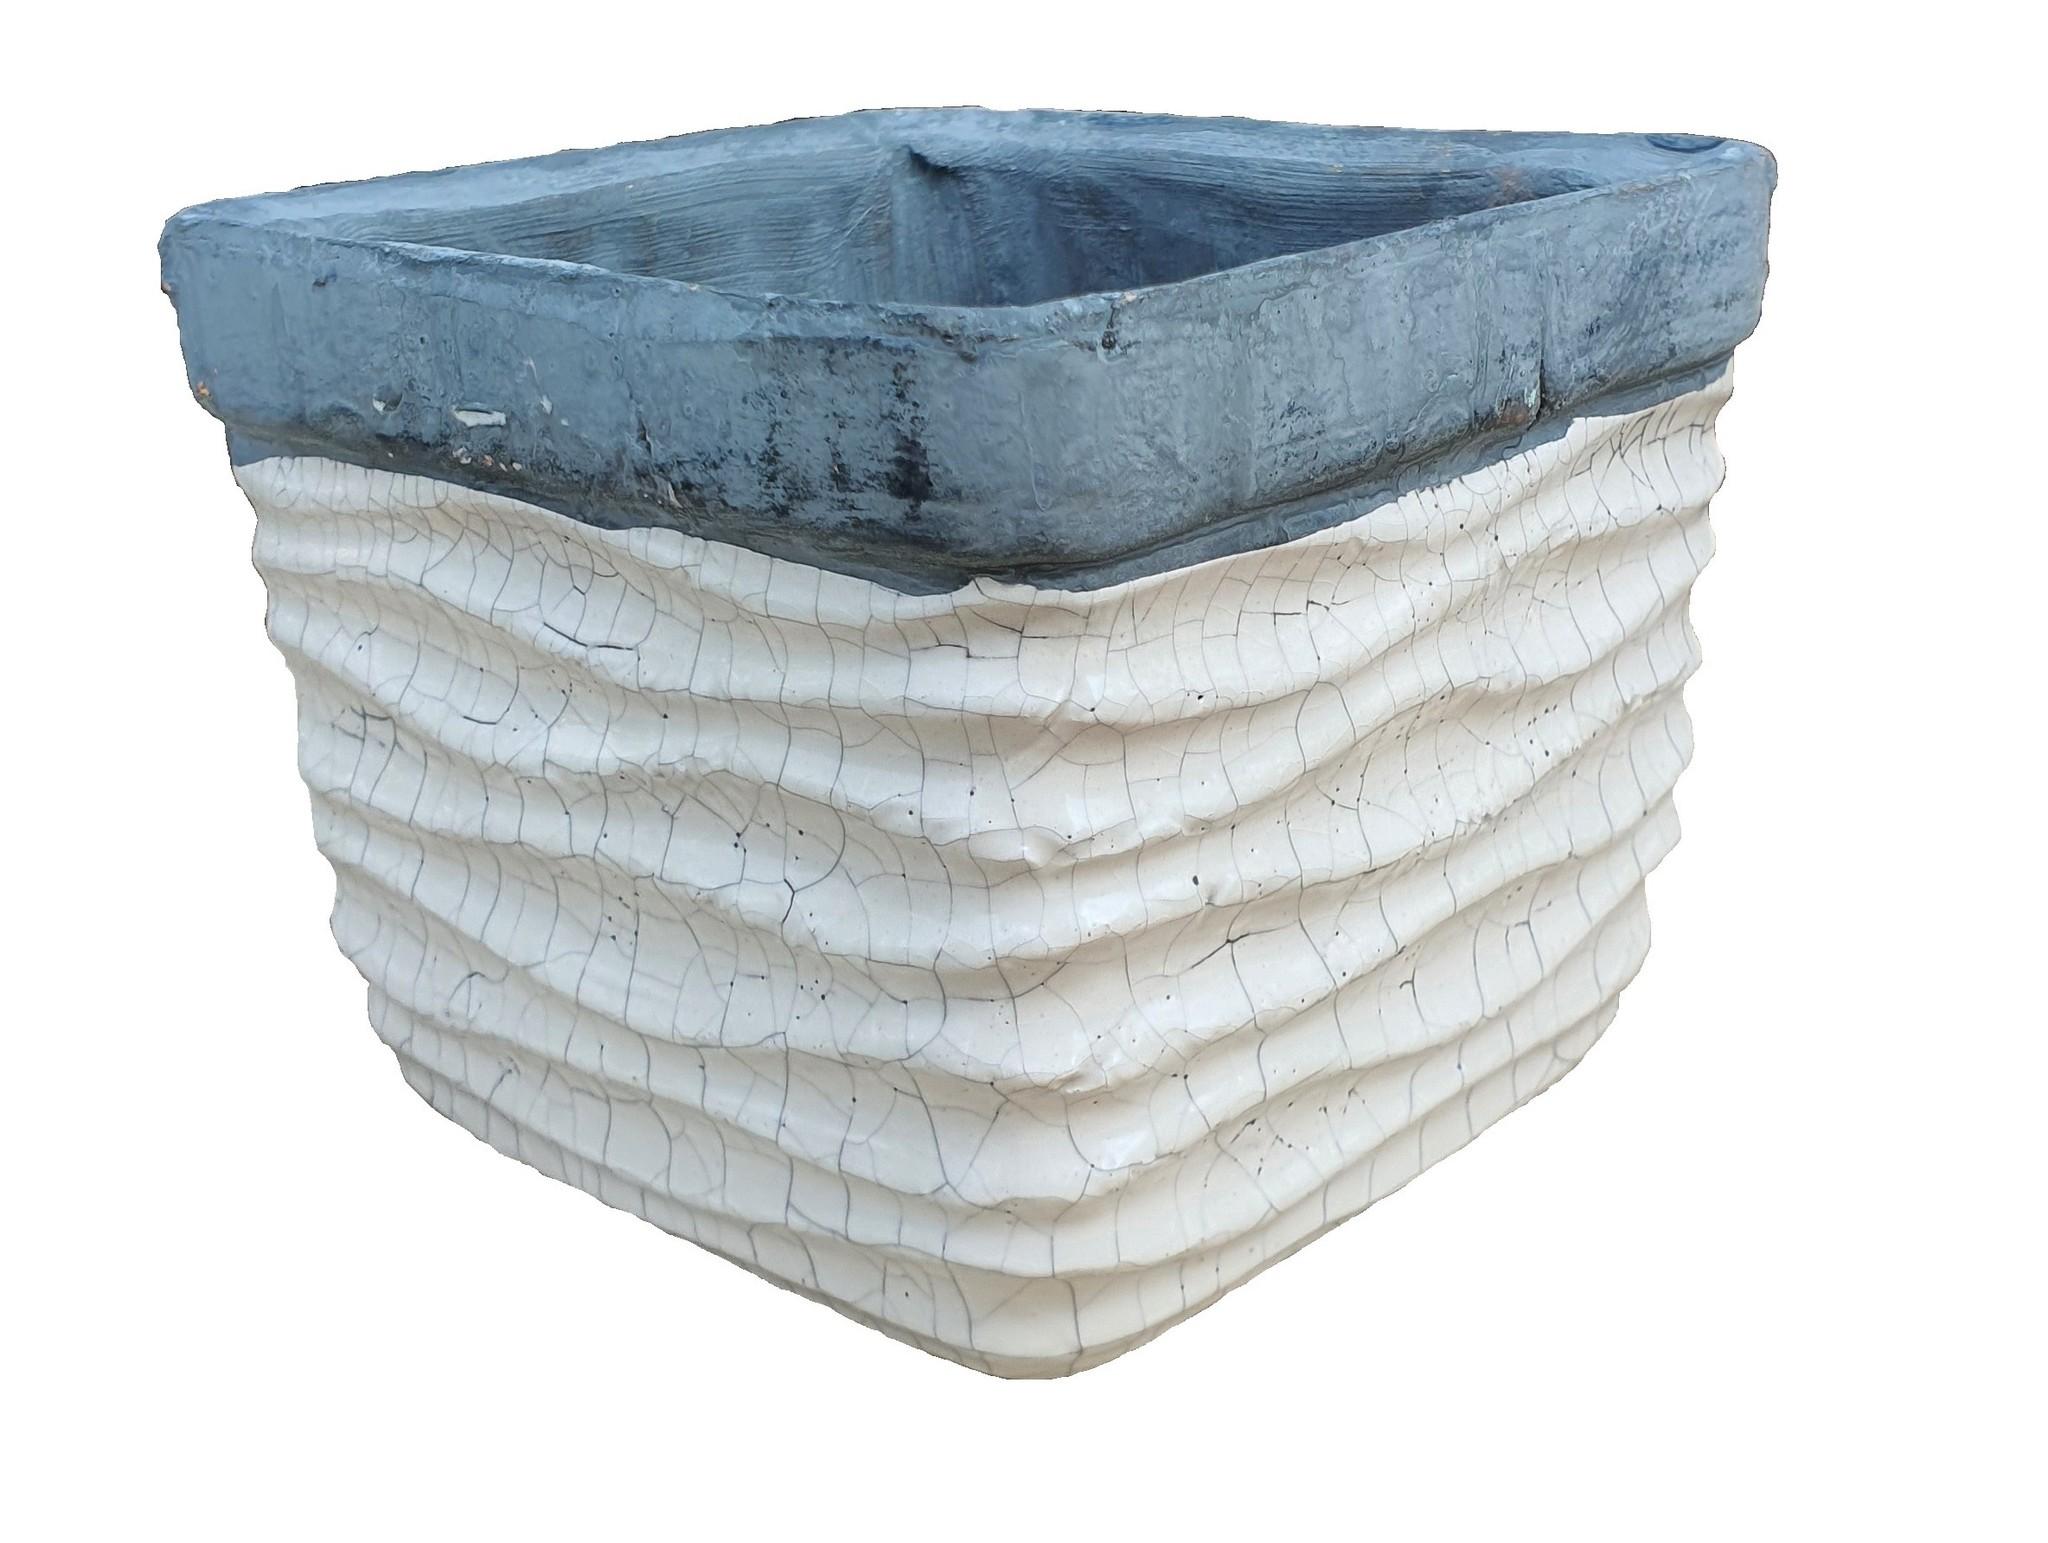 pot ceramic sqaure ribbed pot 13,5-1